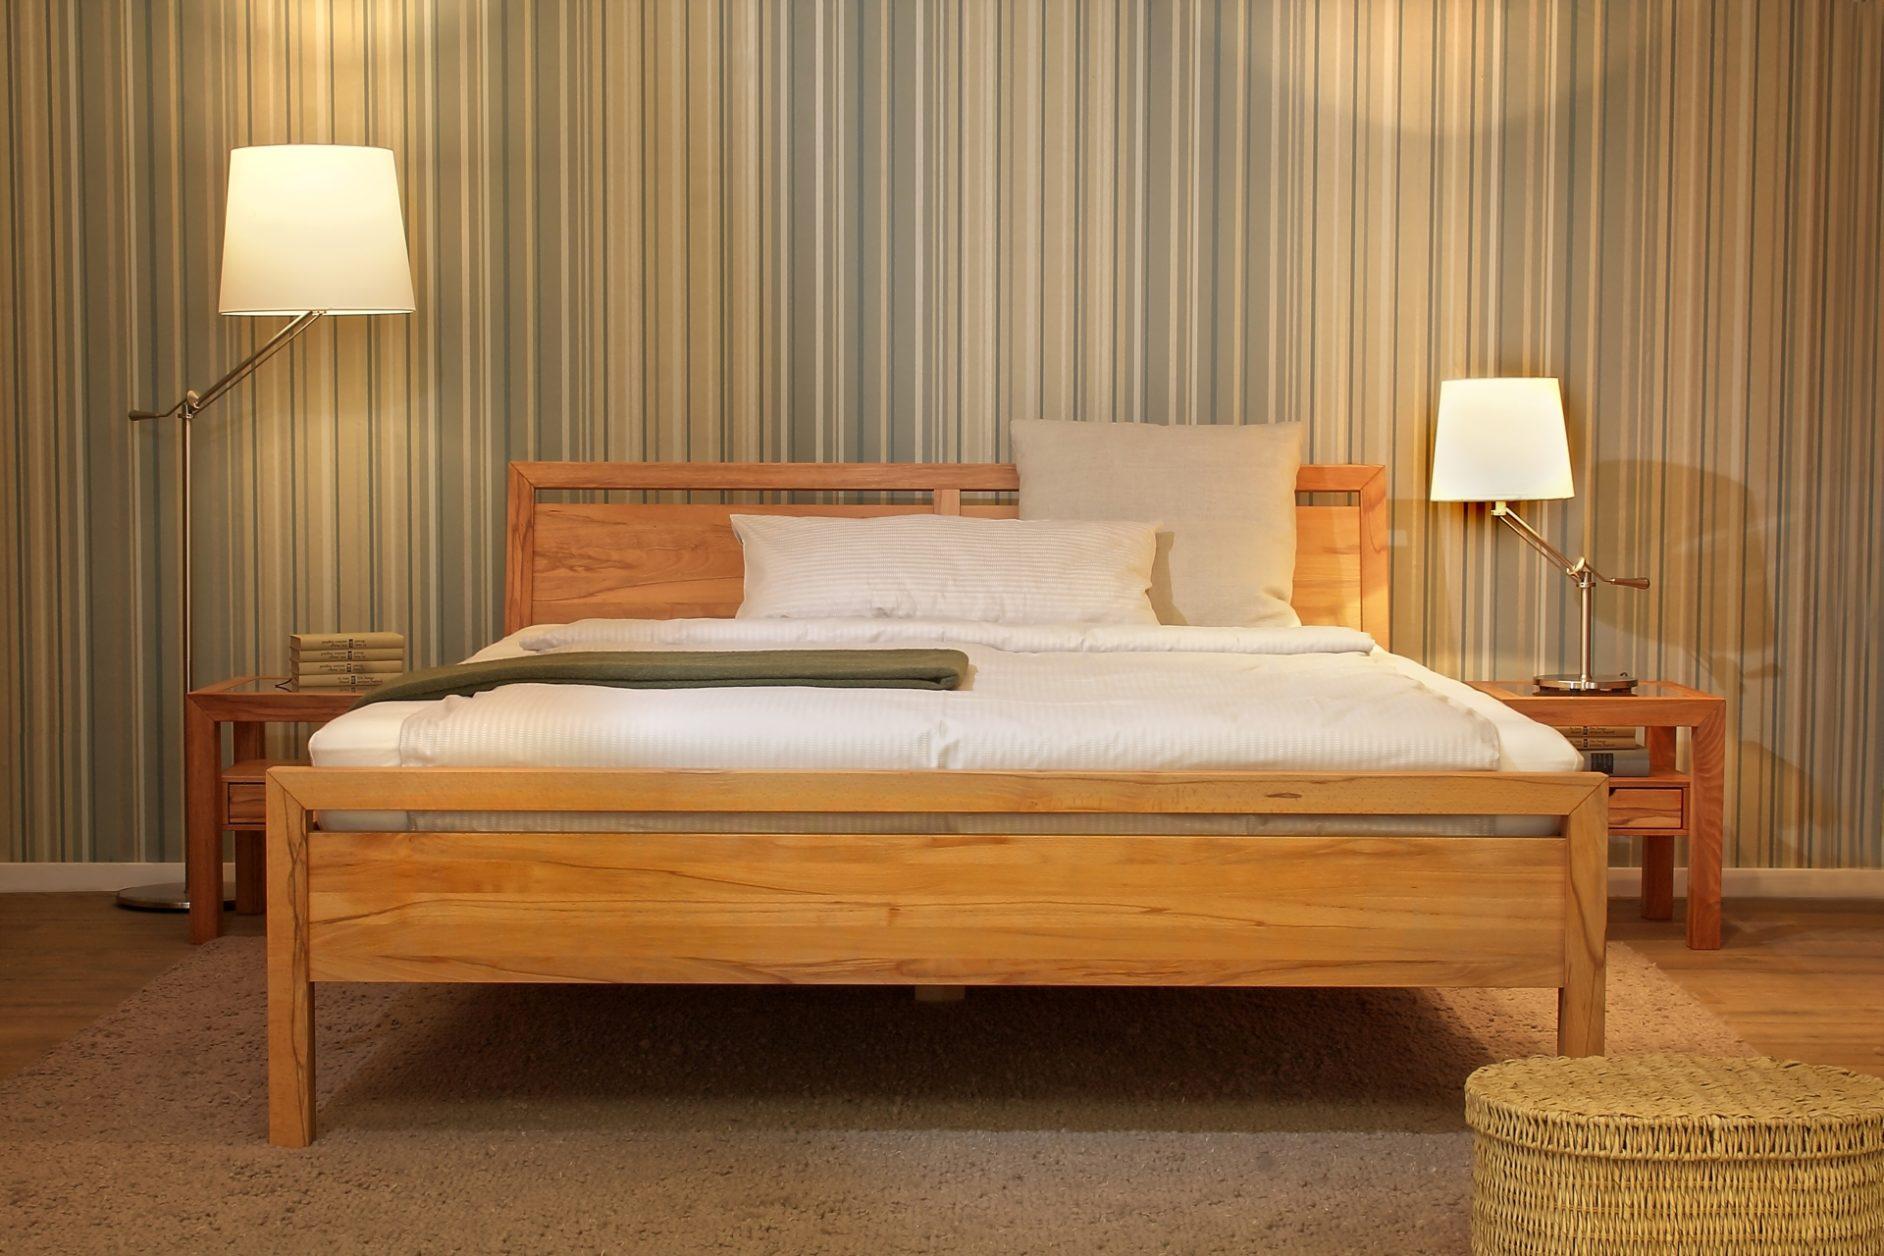 Schlafzimmer Lucca, Bett in Kernbuche